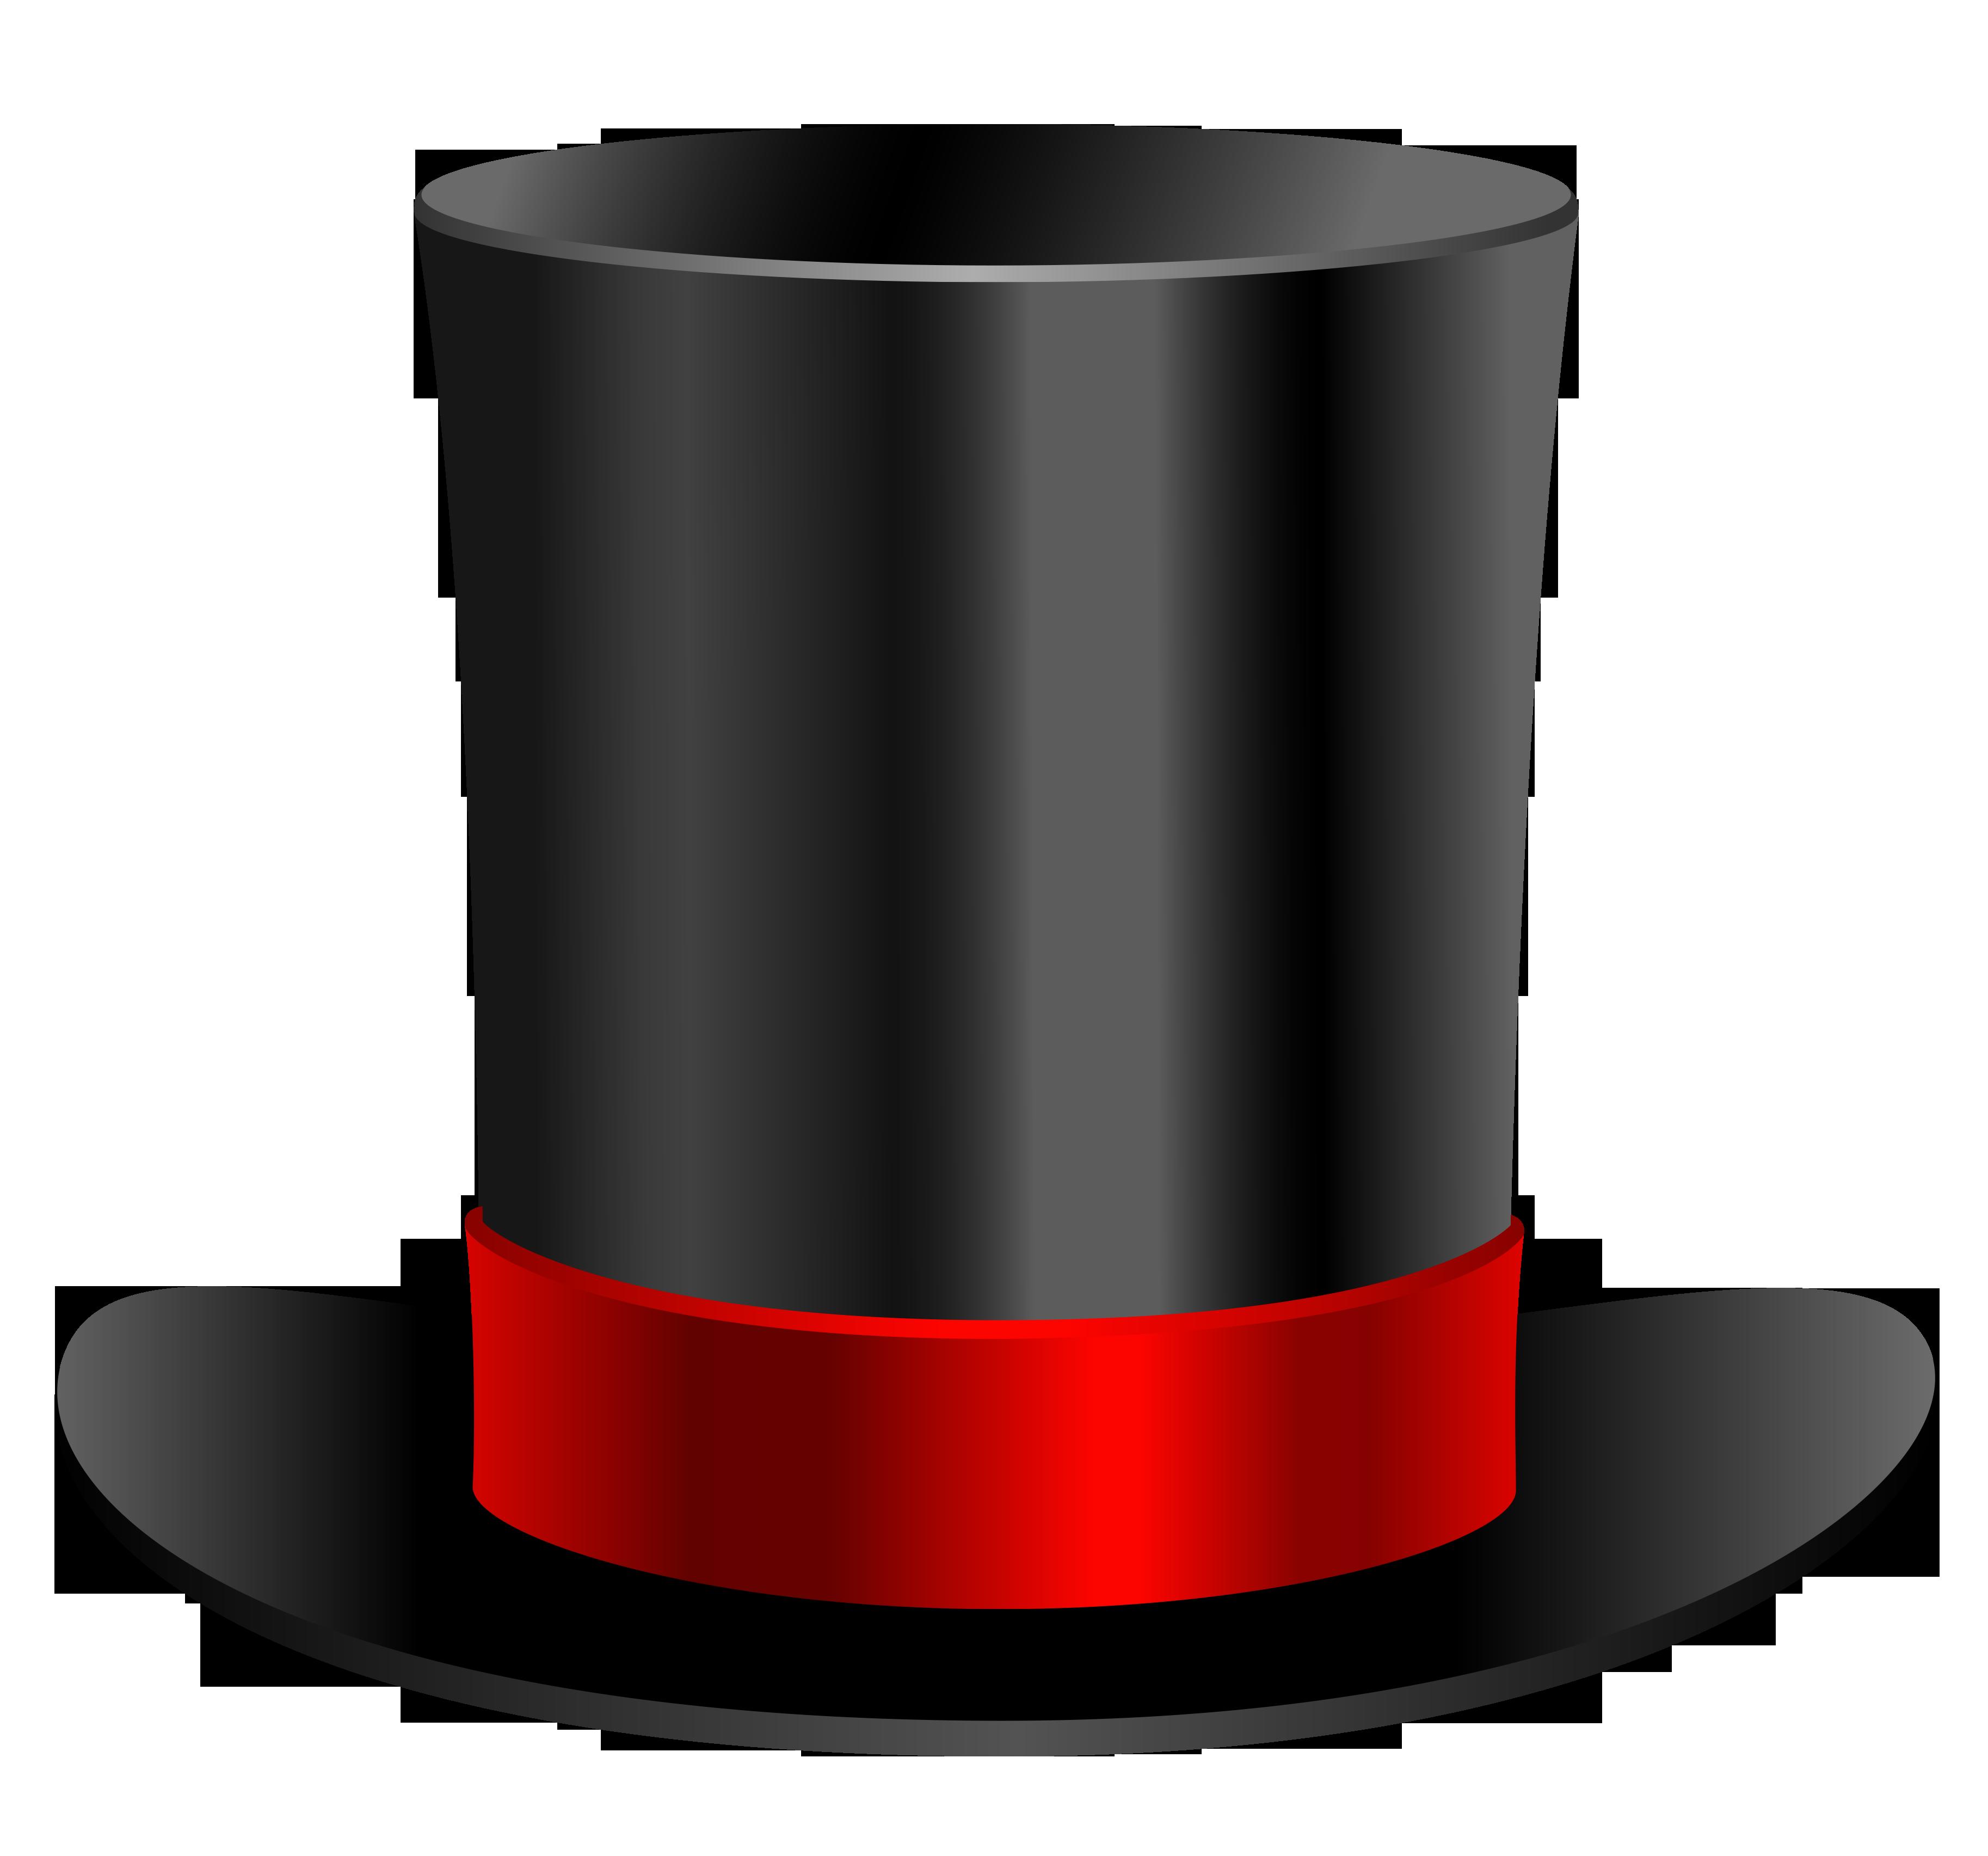 Top Hat Clipart - ClipArt Best - ClipArt Best